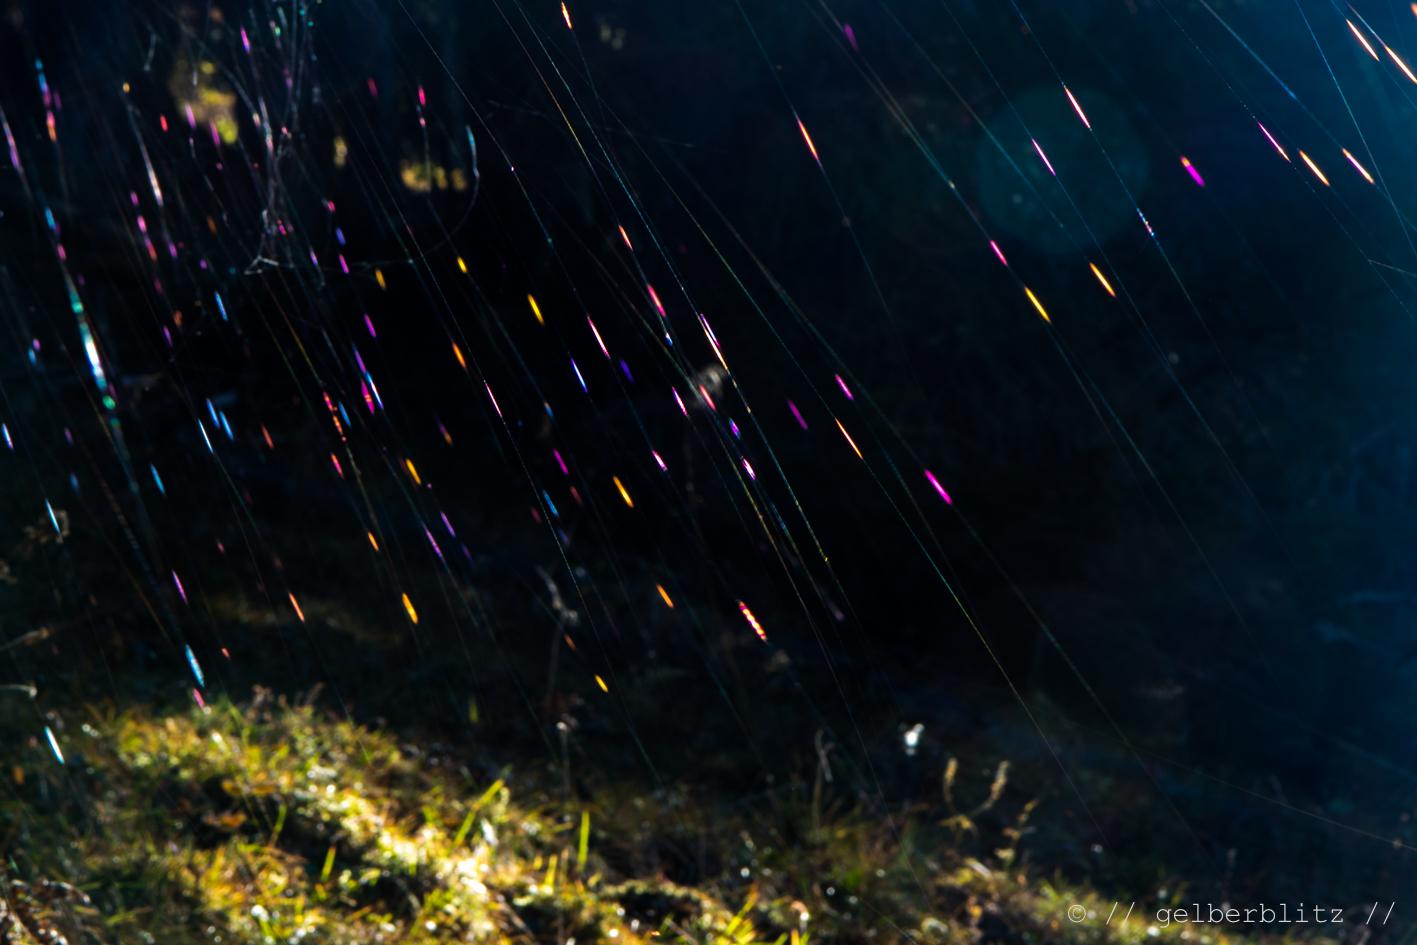 Spinnennetz im Licht